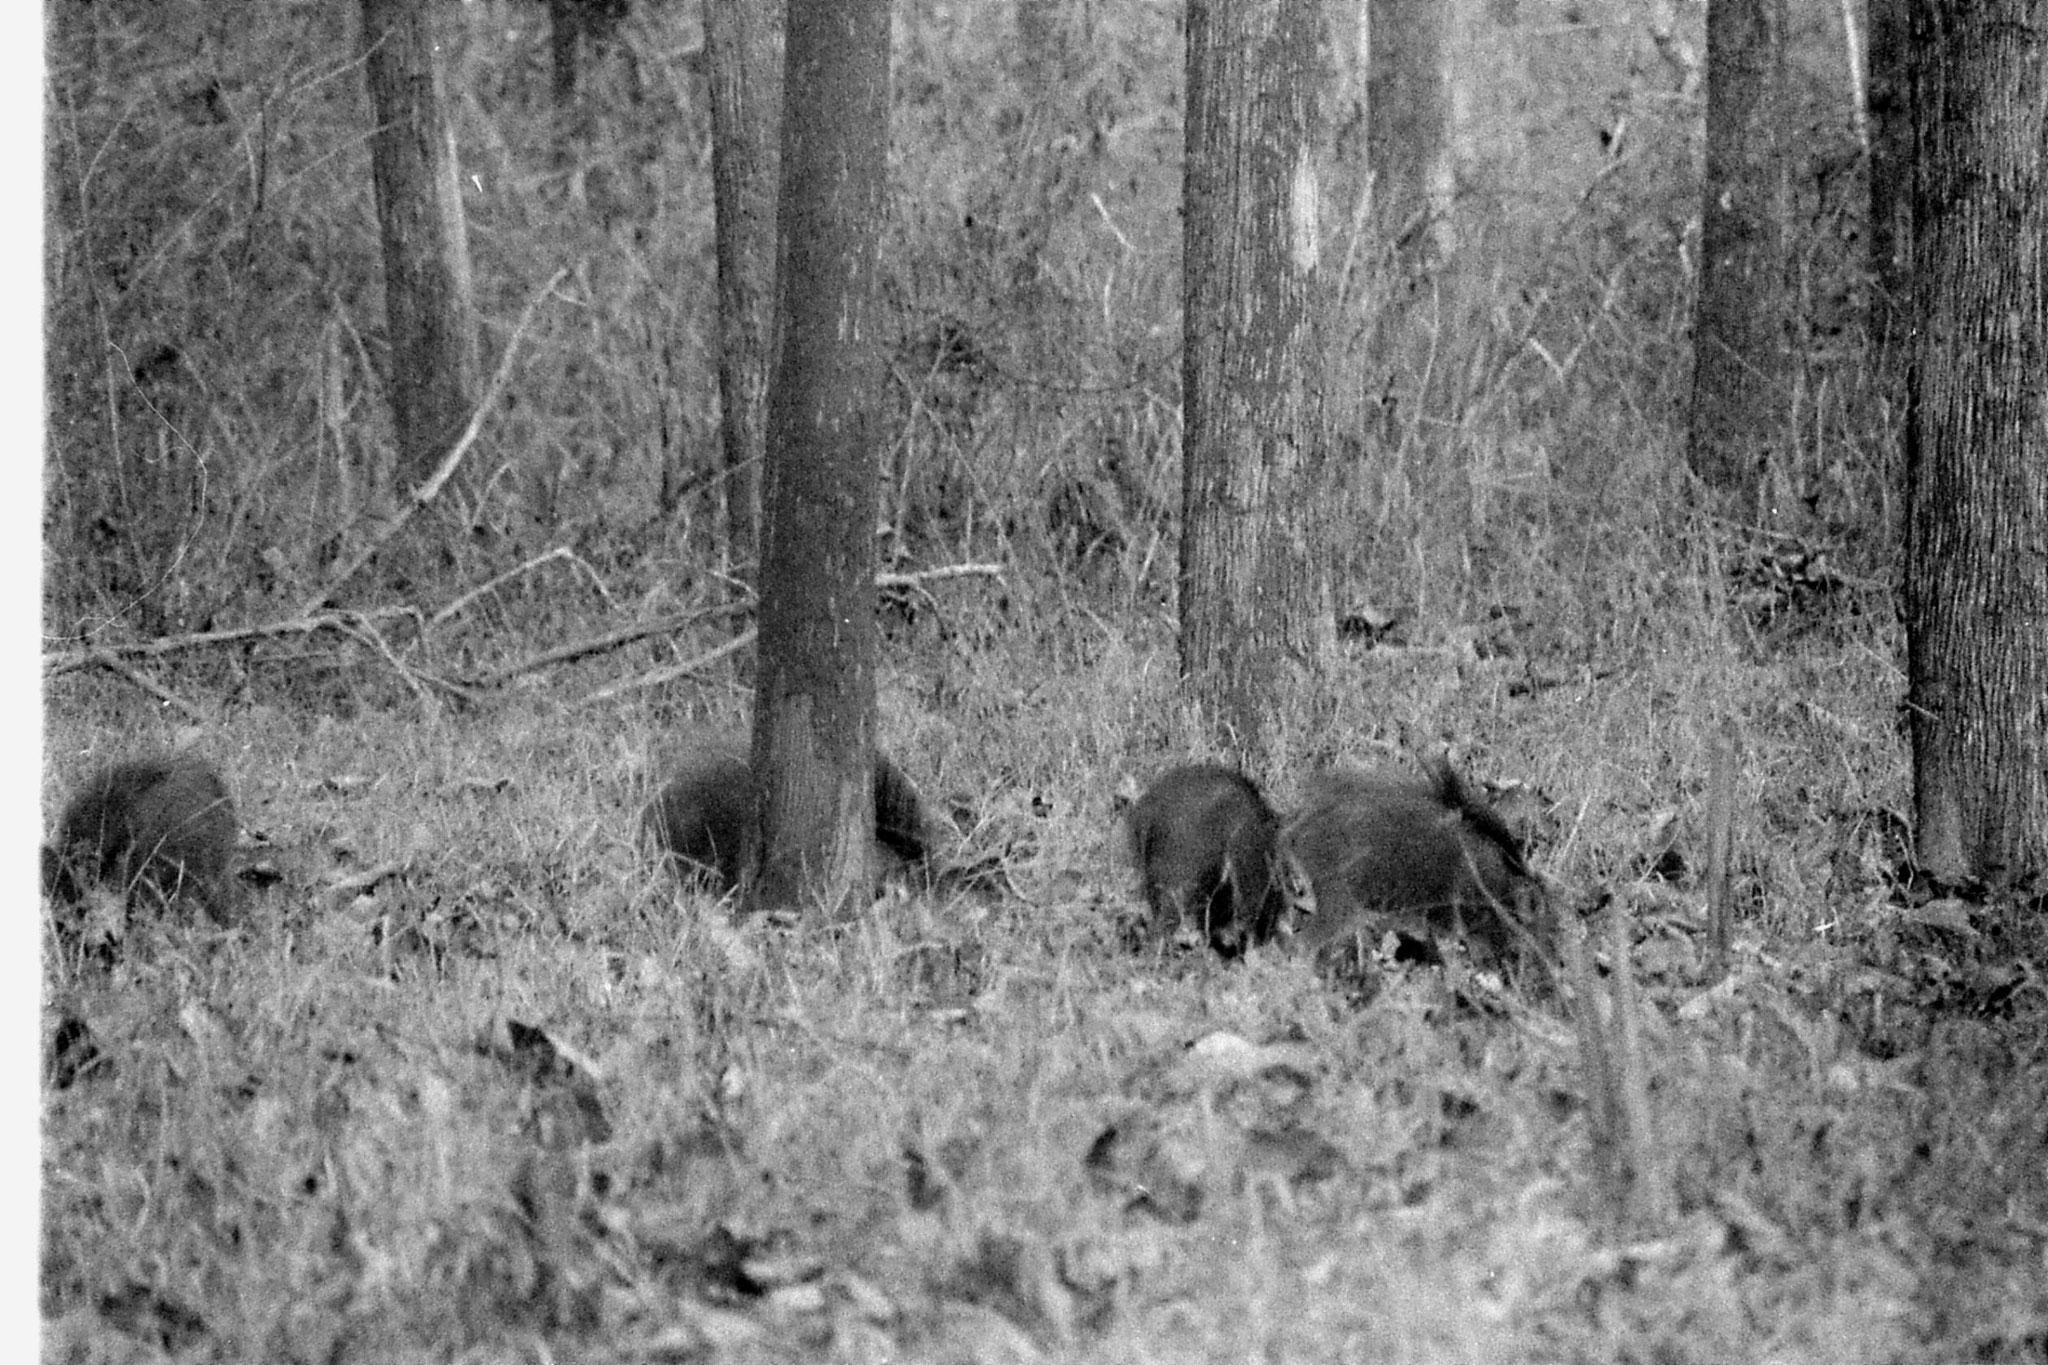 11/3/1990: 28: Nagarahole wild boar